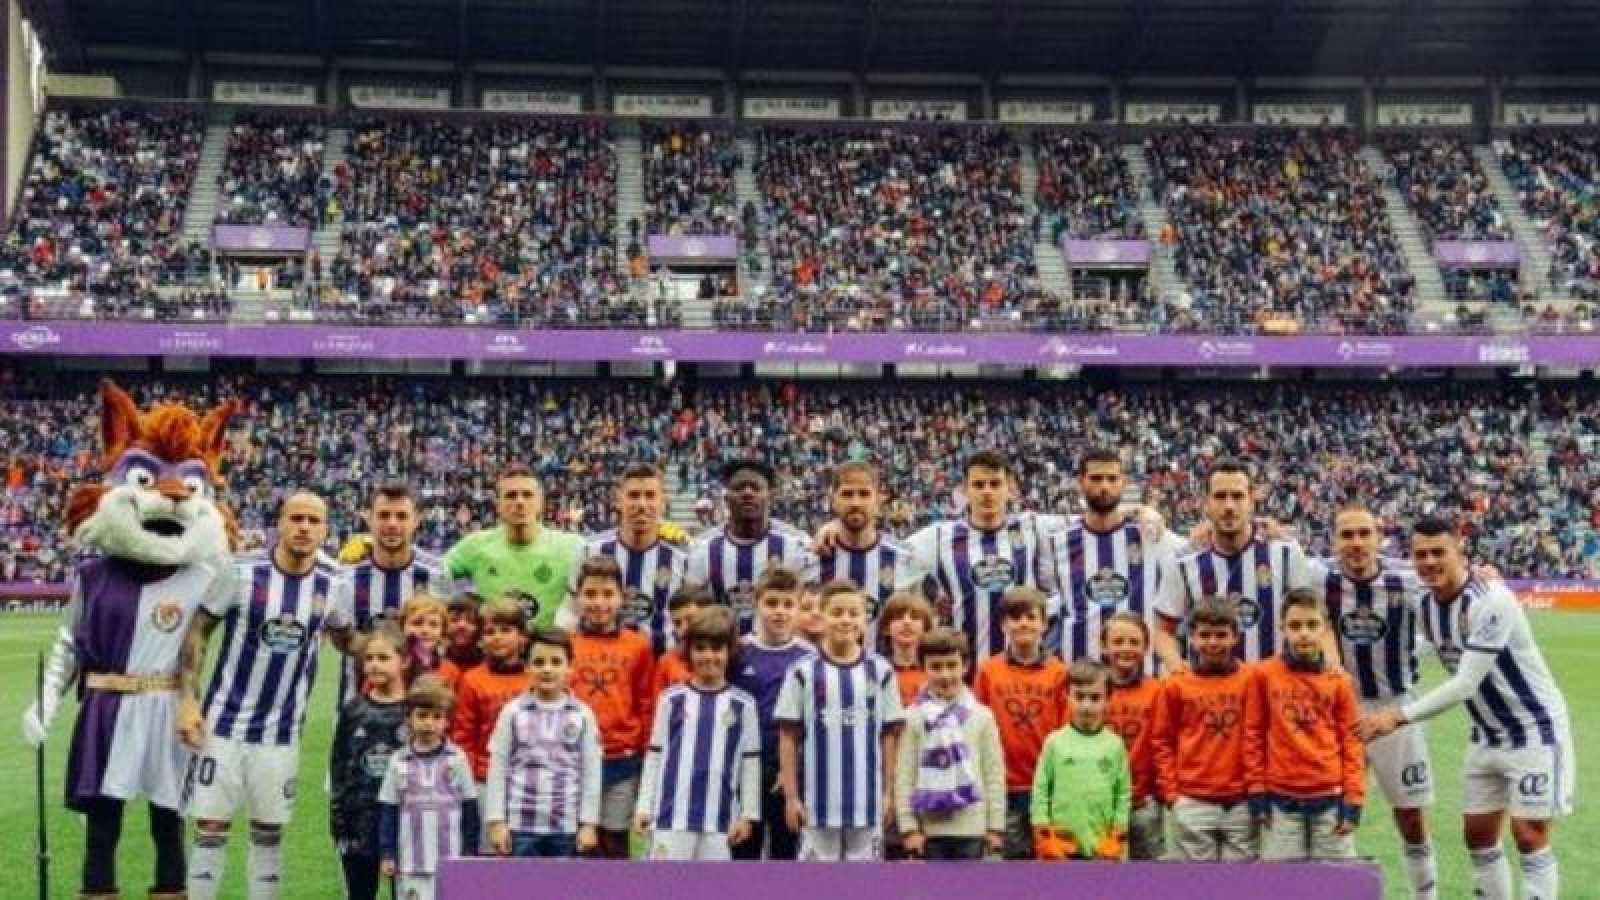 El equipo titual del Real Valladolid posa ante su público en el útlimo partido de Liga antes de la suspensión por el coronavirus.